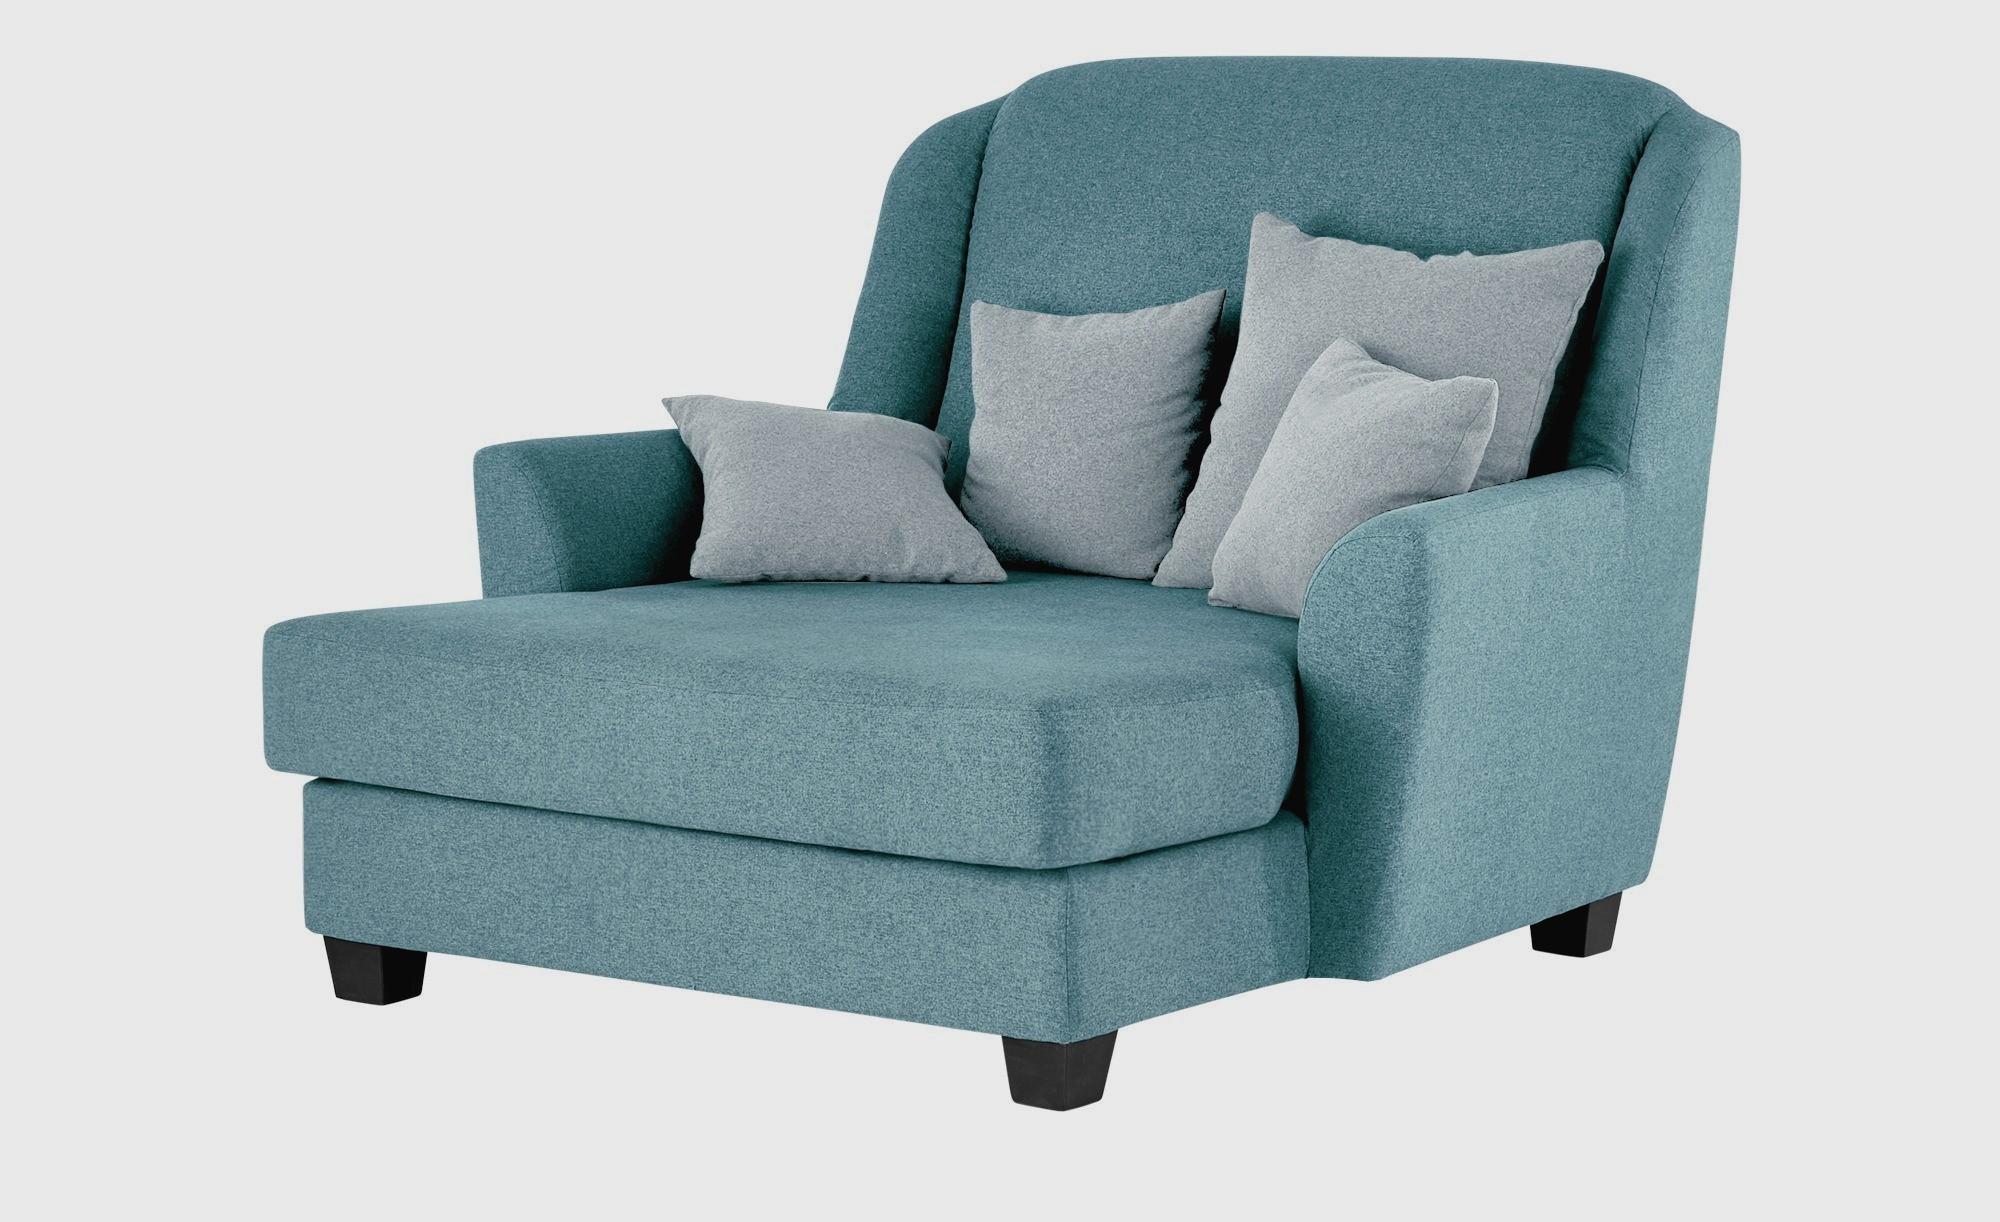 Full Size of Ikea Relaxsessel Leder Grau Sessel Elektrisch Strandmon Modern Design Ohrensessel Trkis Samt Haus Mbel Küche Kosten Betten 160x200 Kaufen Bei Modulküche Wohnzimmer Ikea Relaxsessel